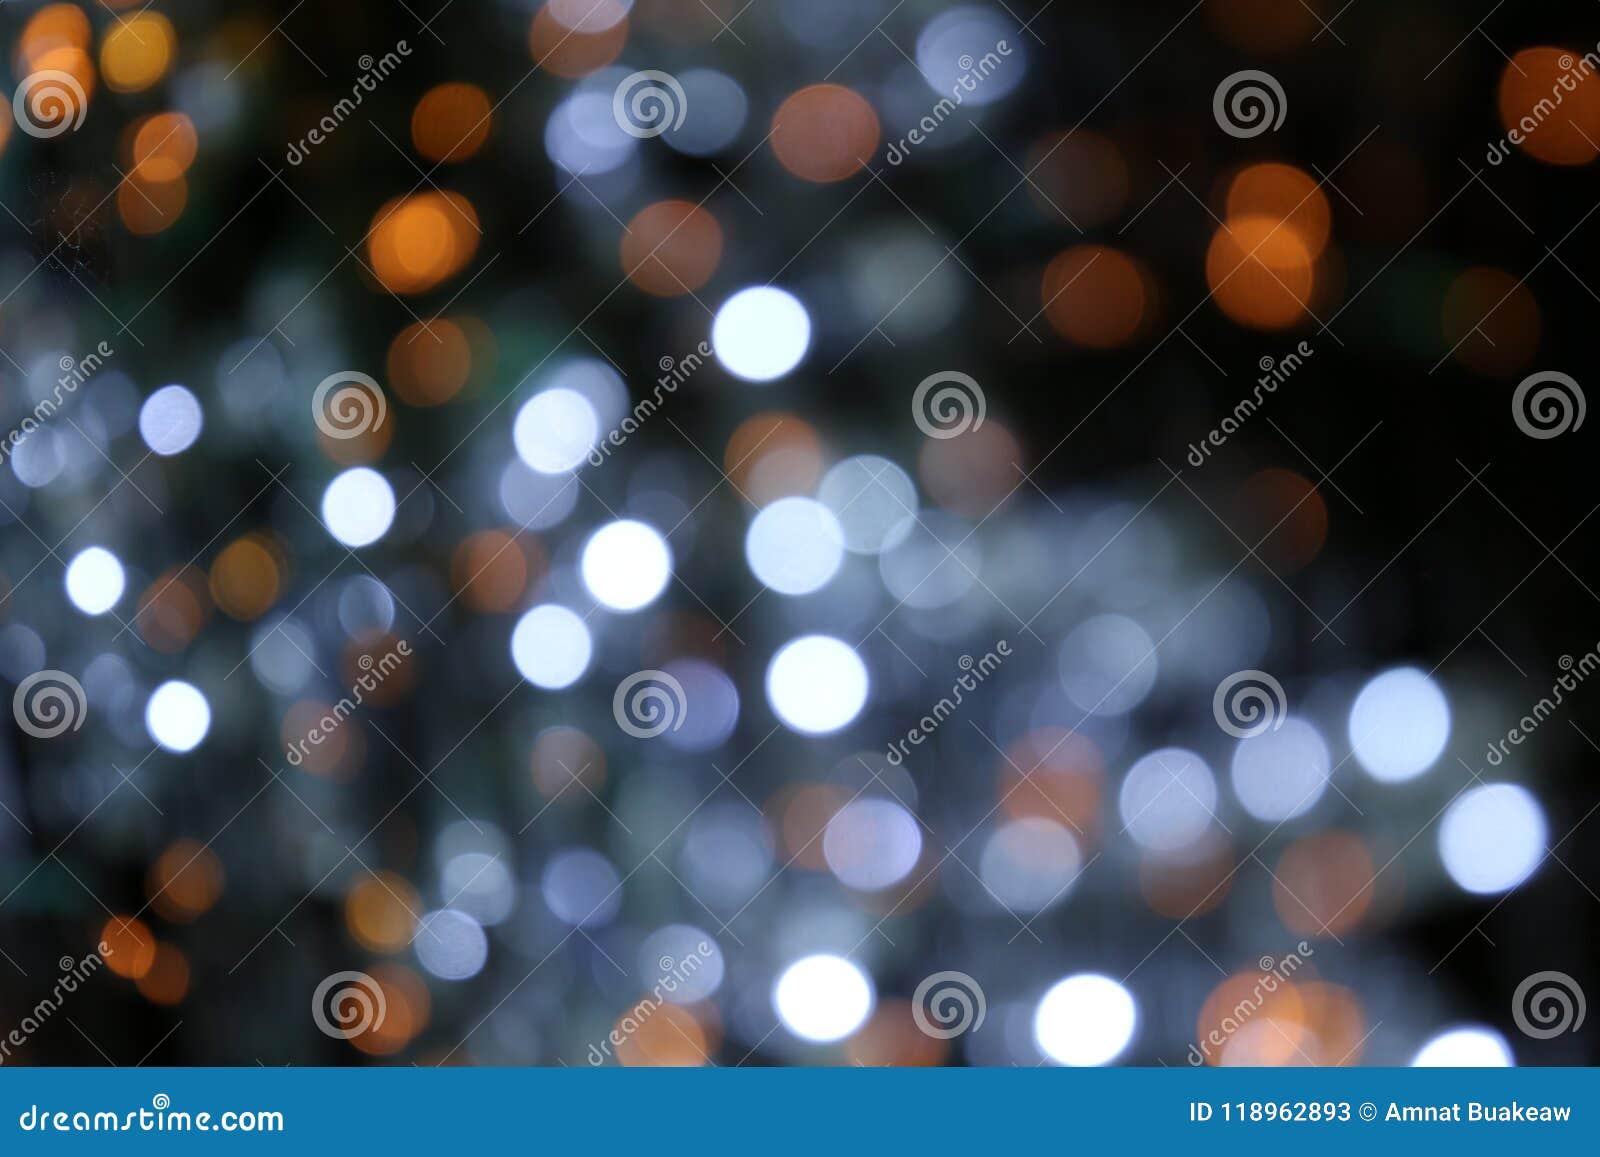 De Bokehachtergrond kleurrijk van vrolijke Kerstmis, Gelukkige nieuwe jaar bokeh verlichting glanst op nachtachtergrond, schitter